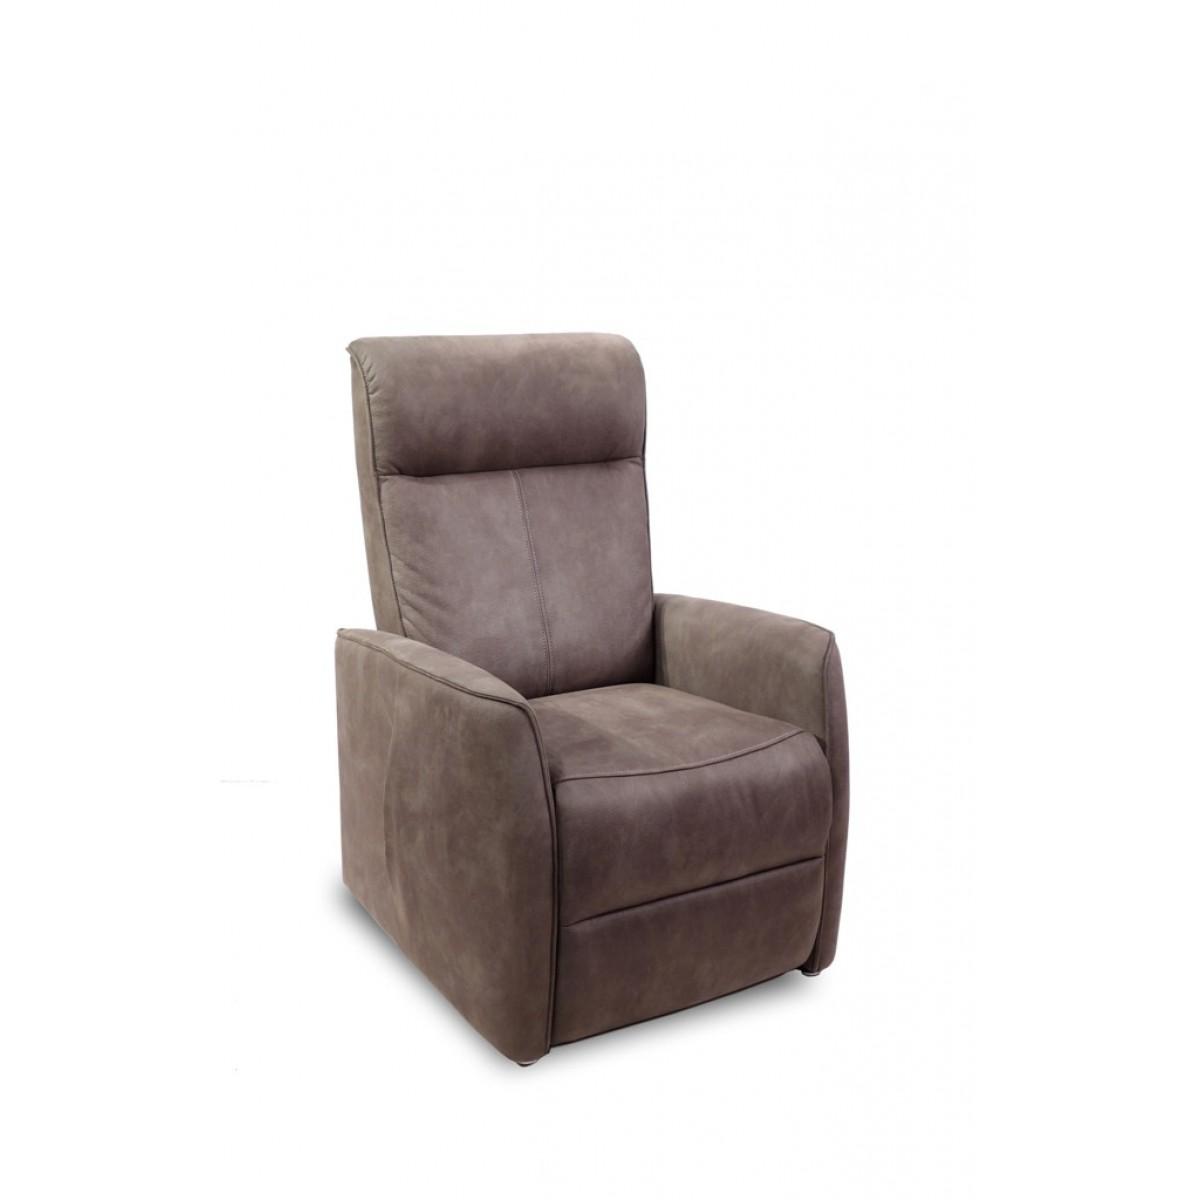 sta-op-hulp-relaxfauteuil-aberdeen-stof-bruin-interdomus